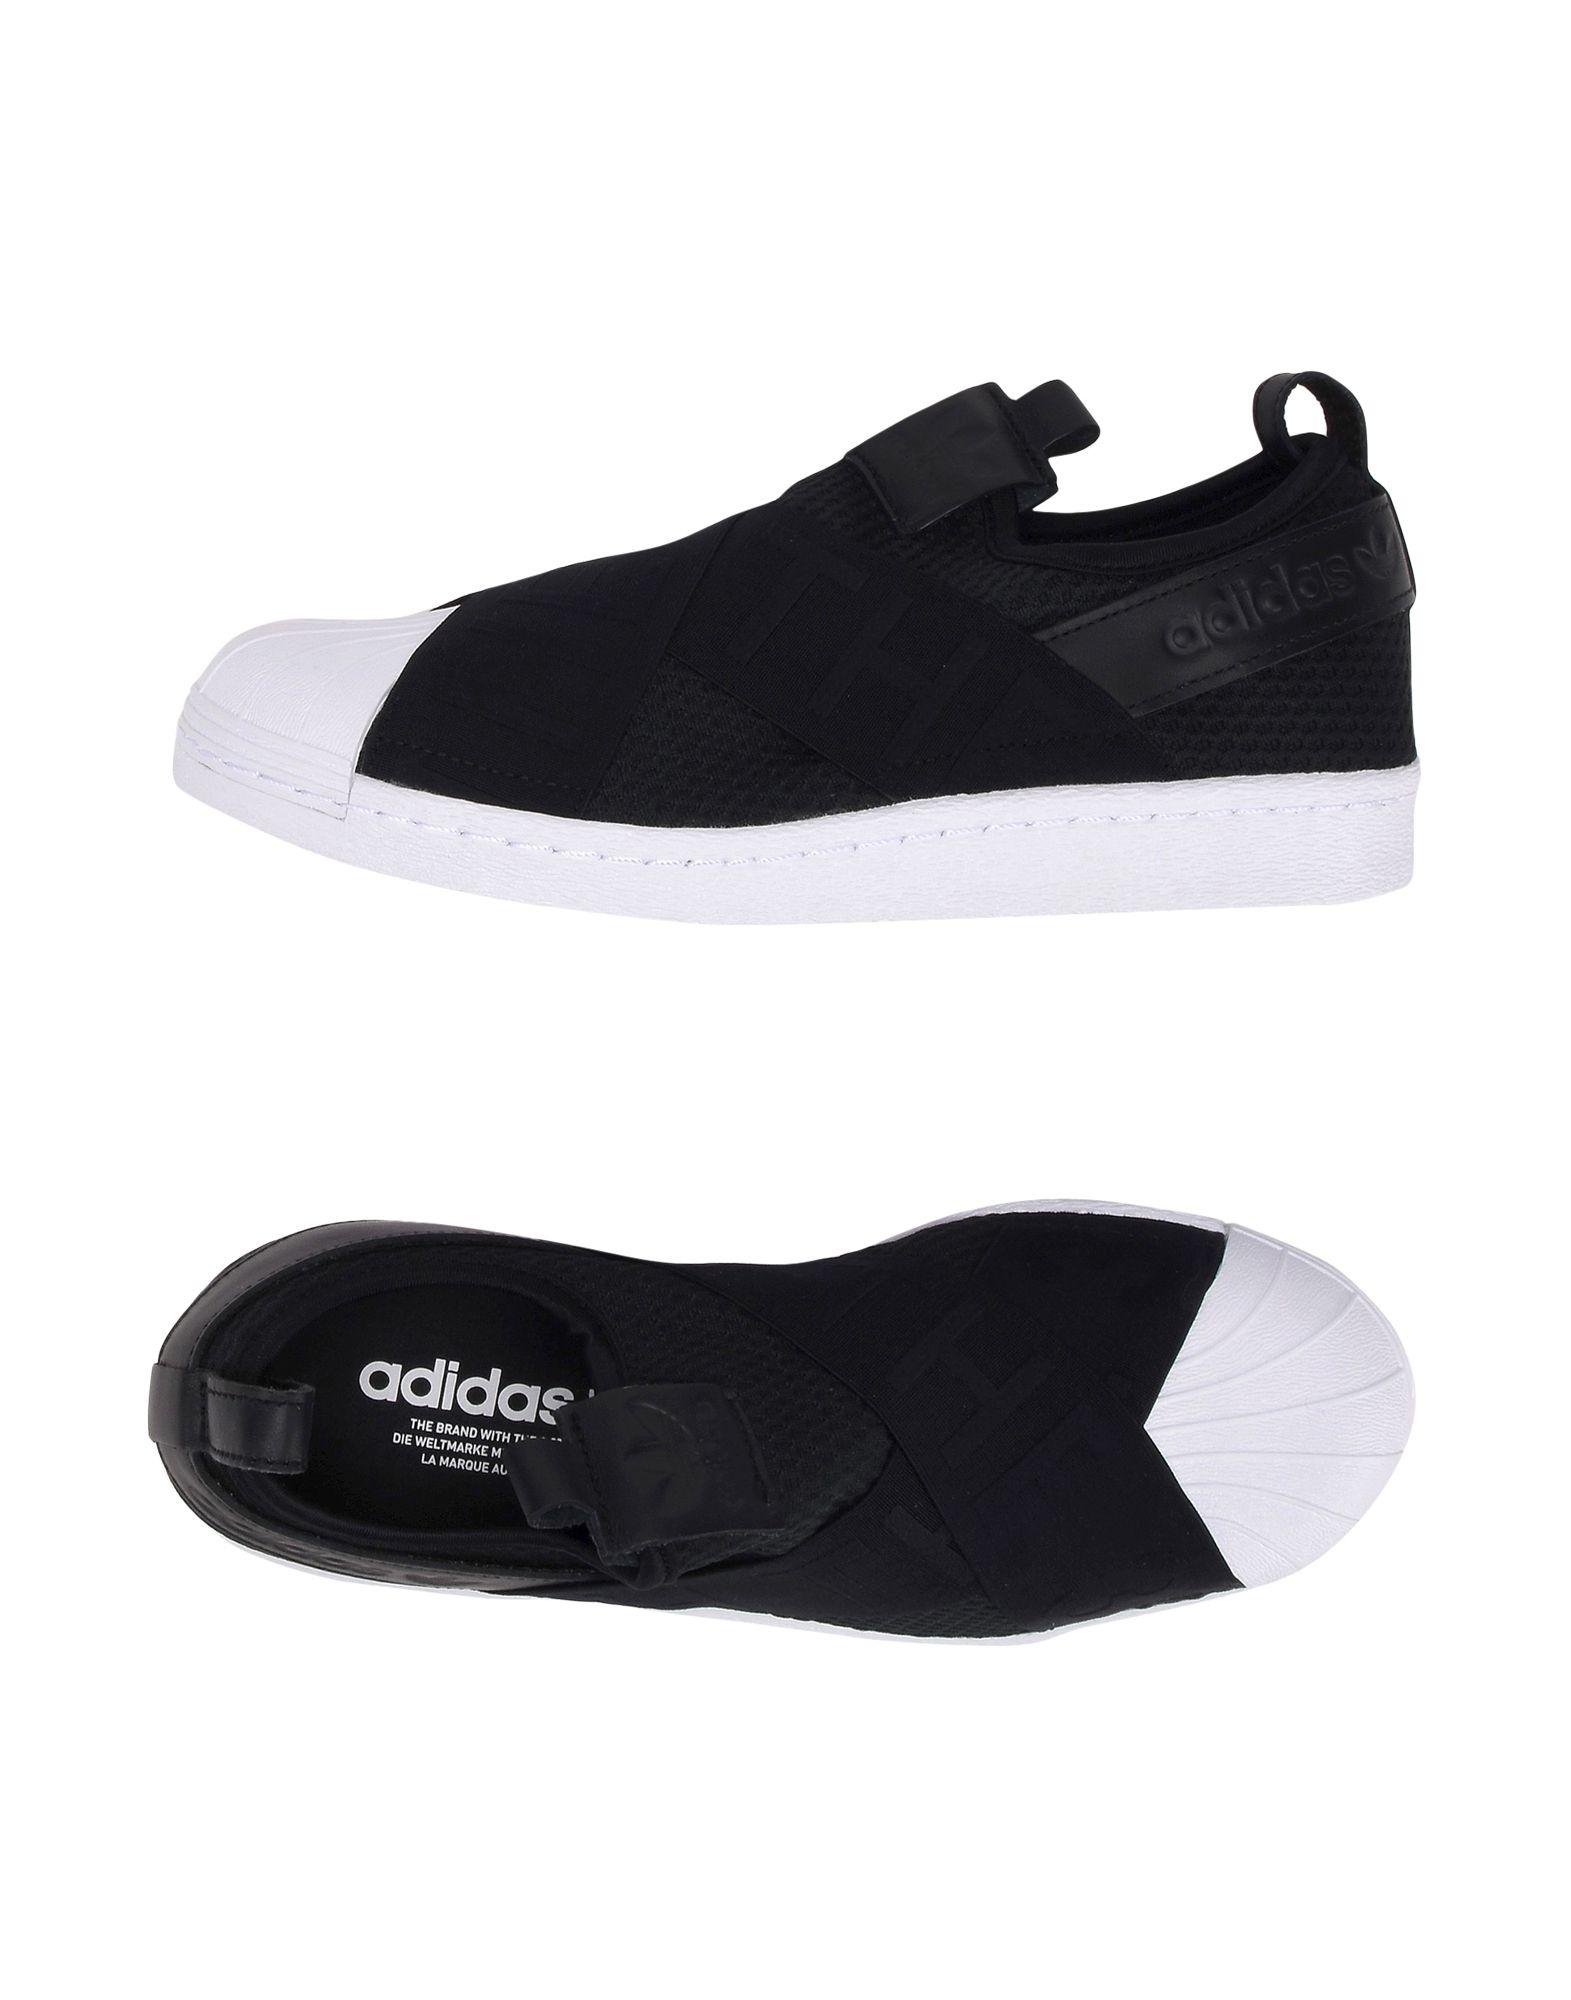 Adidas Originals Superstar  Slipon W  11440191TT  Superstar 5d4d49